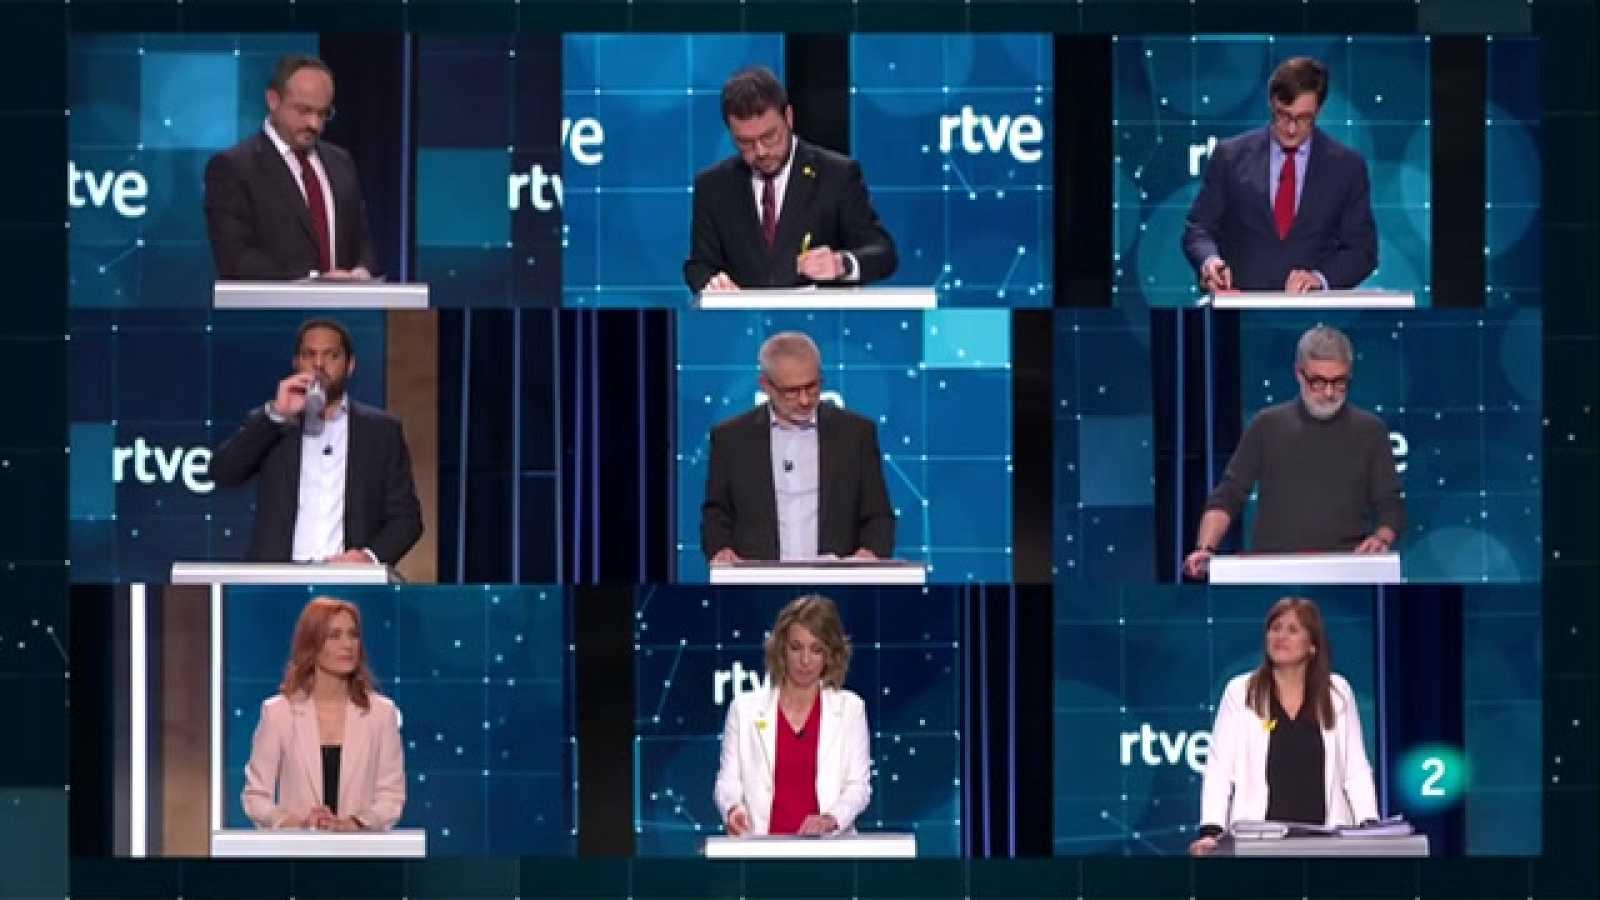 Els possibles pactes de govern centren la quarta jornada de la campanya electoral